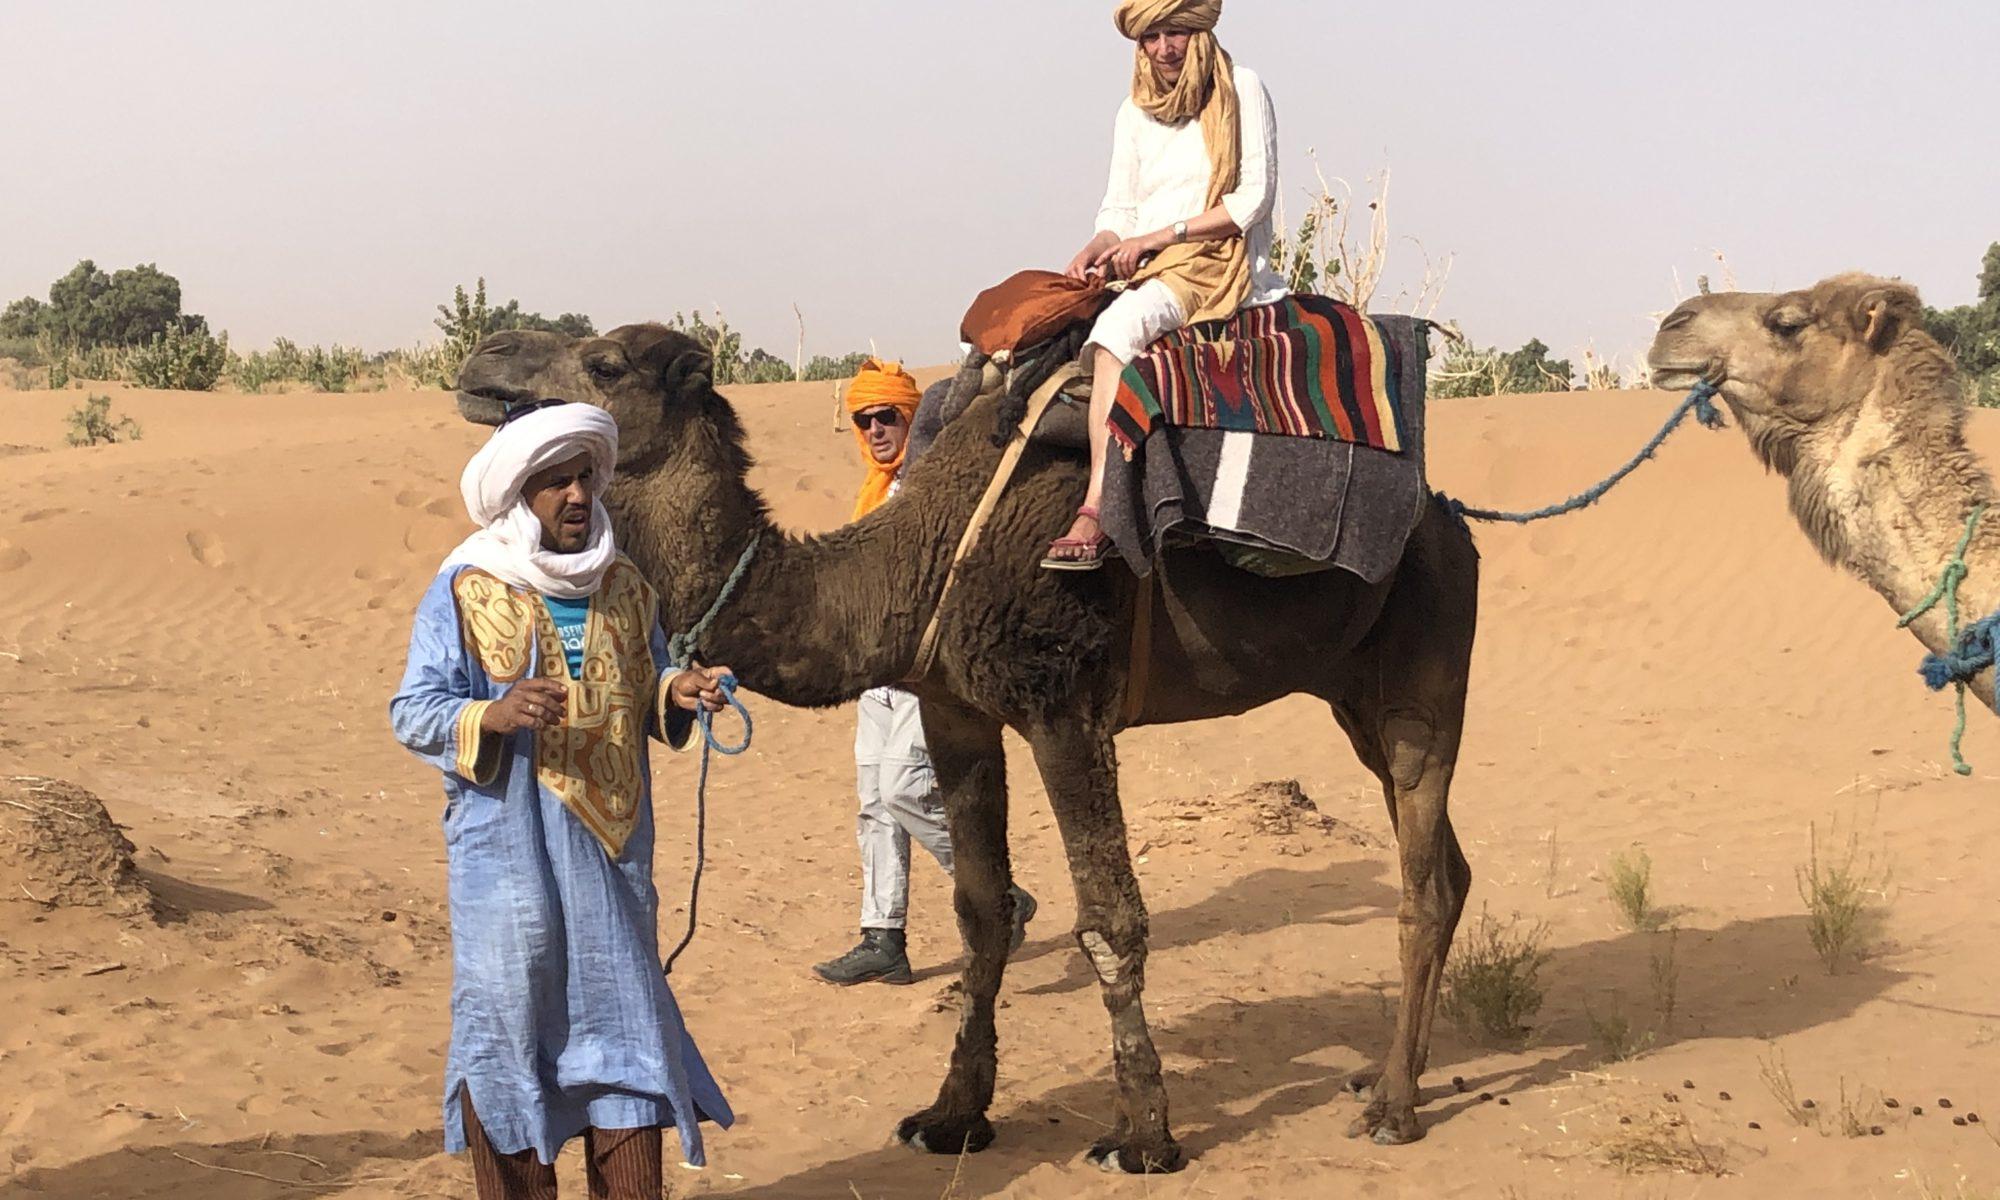 Brahim Taghlaoui steht vor einem Dromedar mit Reiterin und gibt Anweisungen